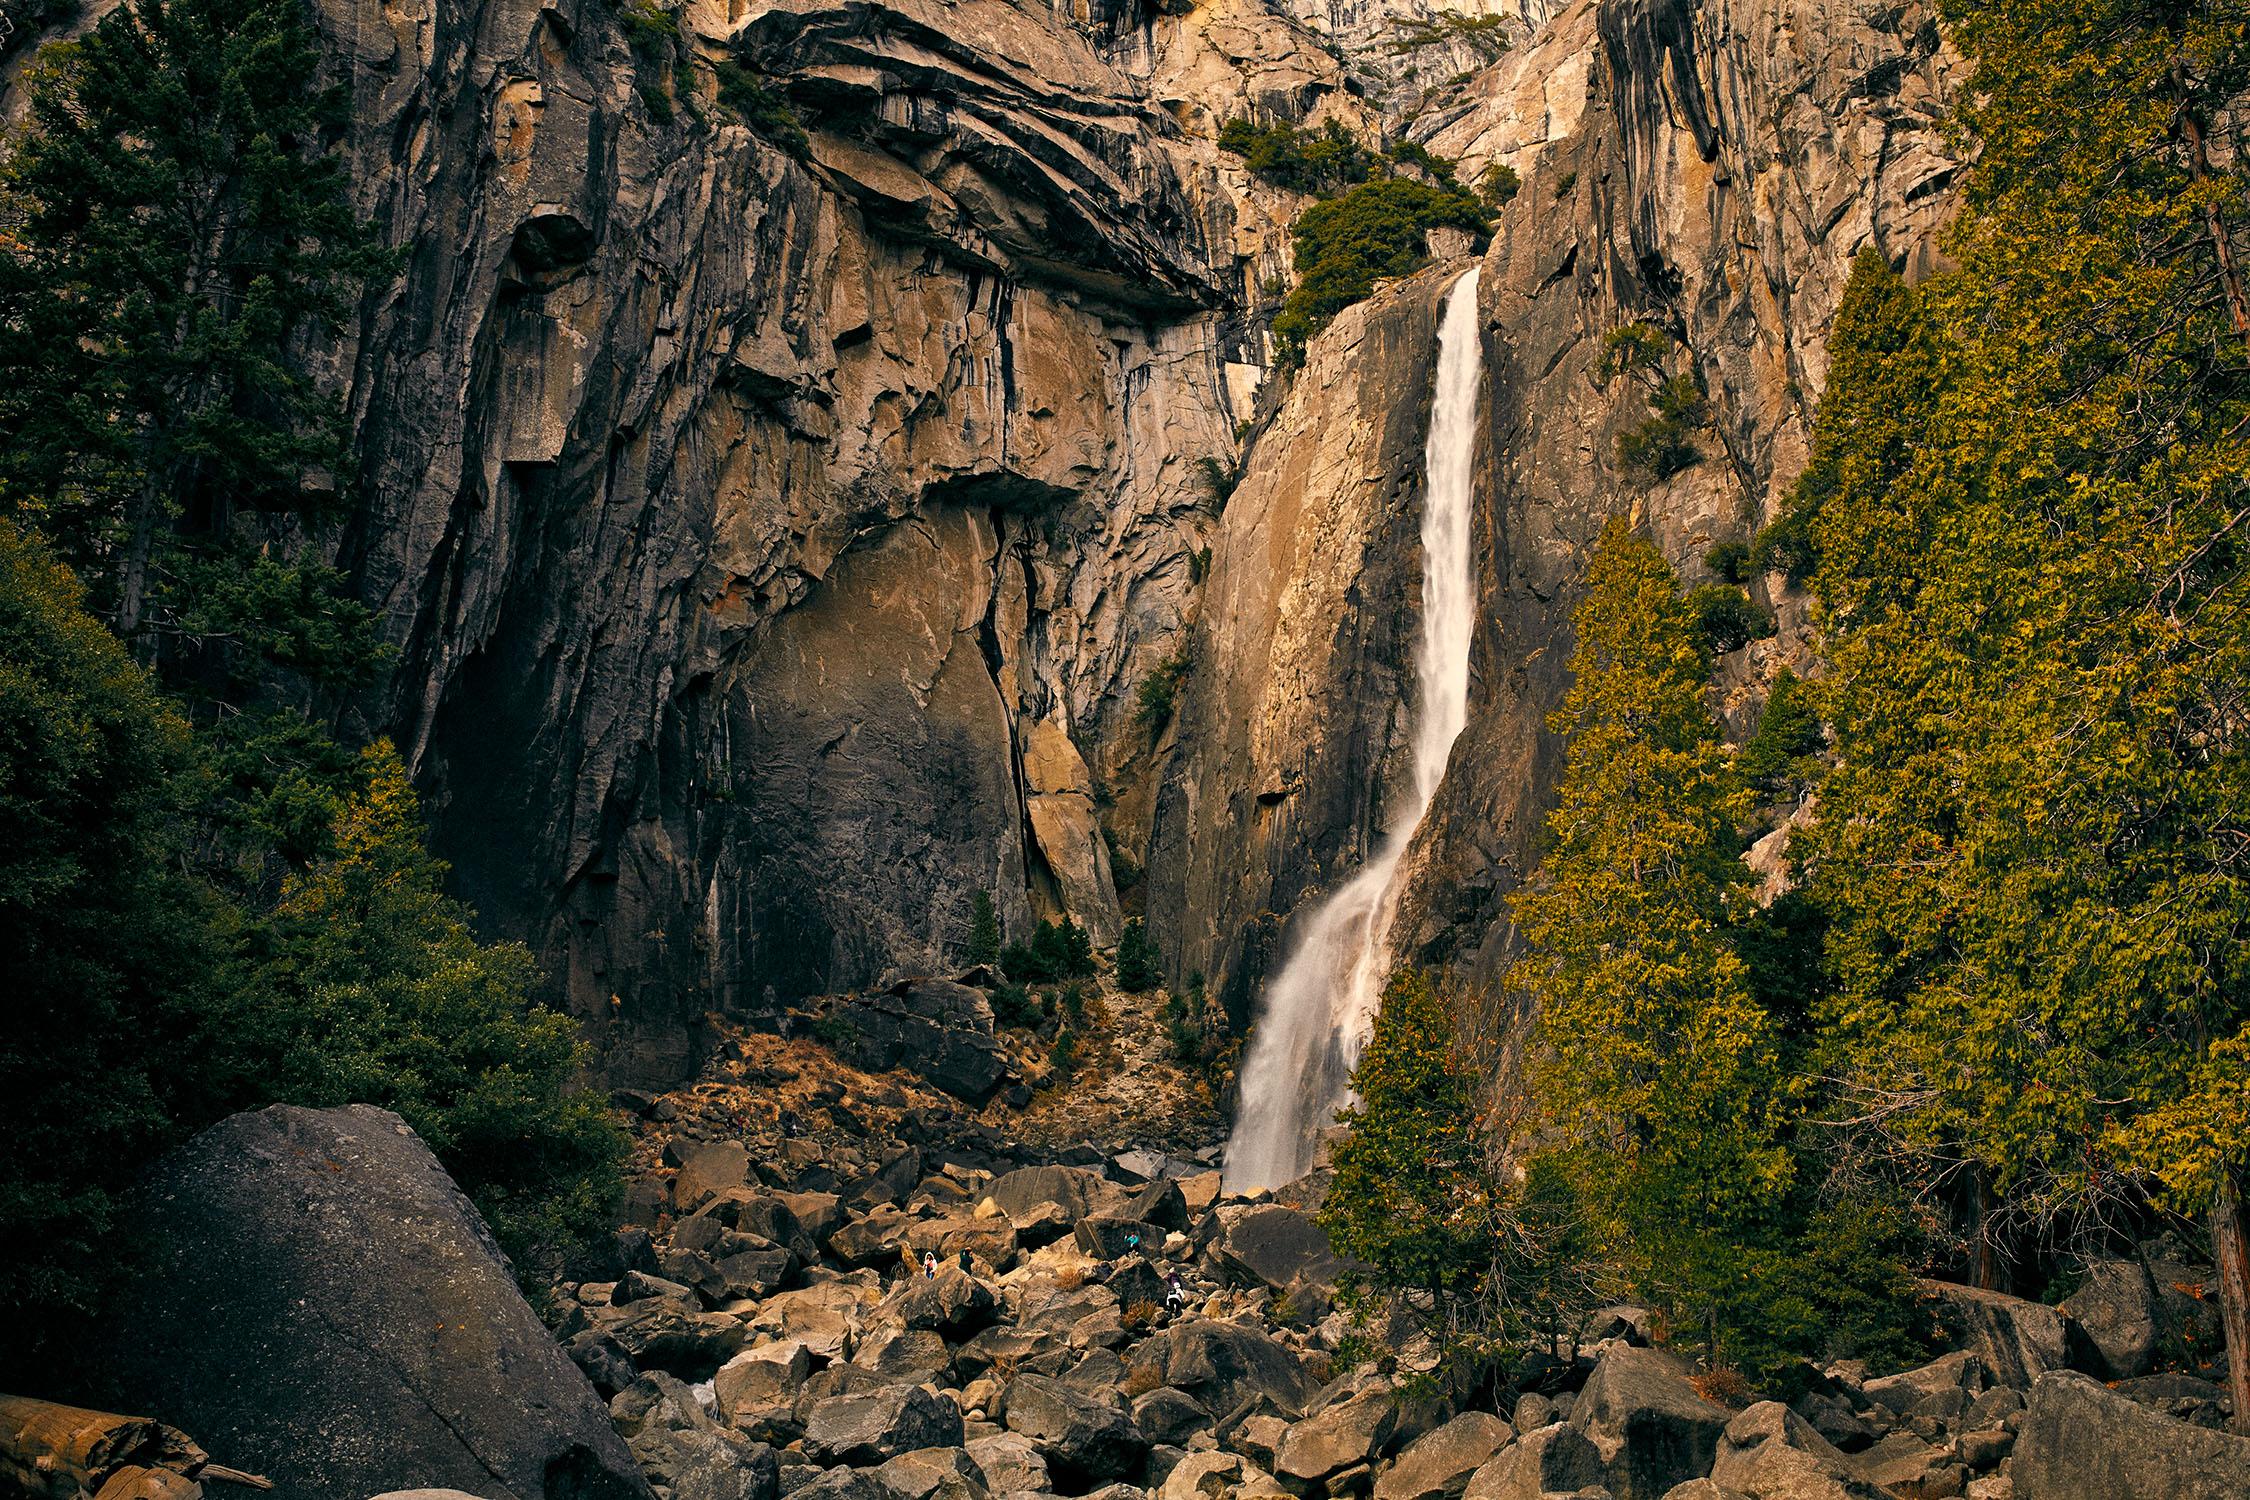 181215-SD-Yosemite-0586.jpg